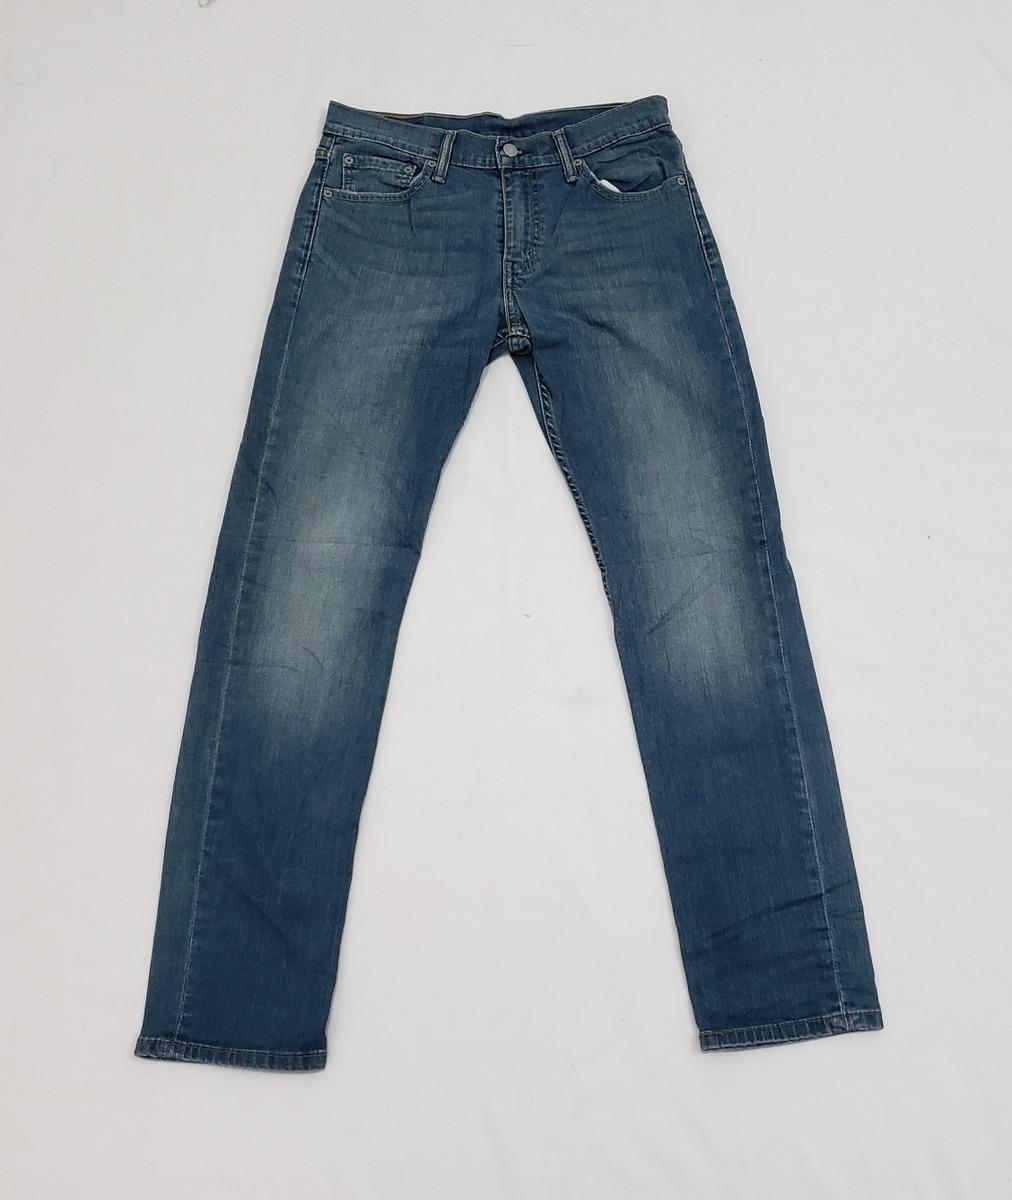 Slim 32 511 Pantalon 30 Azul Talla X Levi FJ3Tl1cK